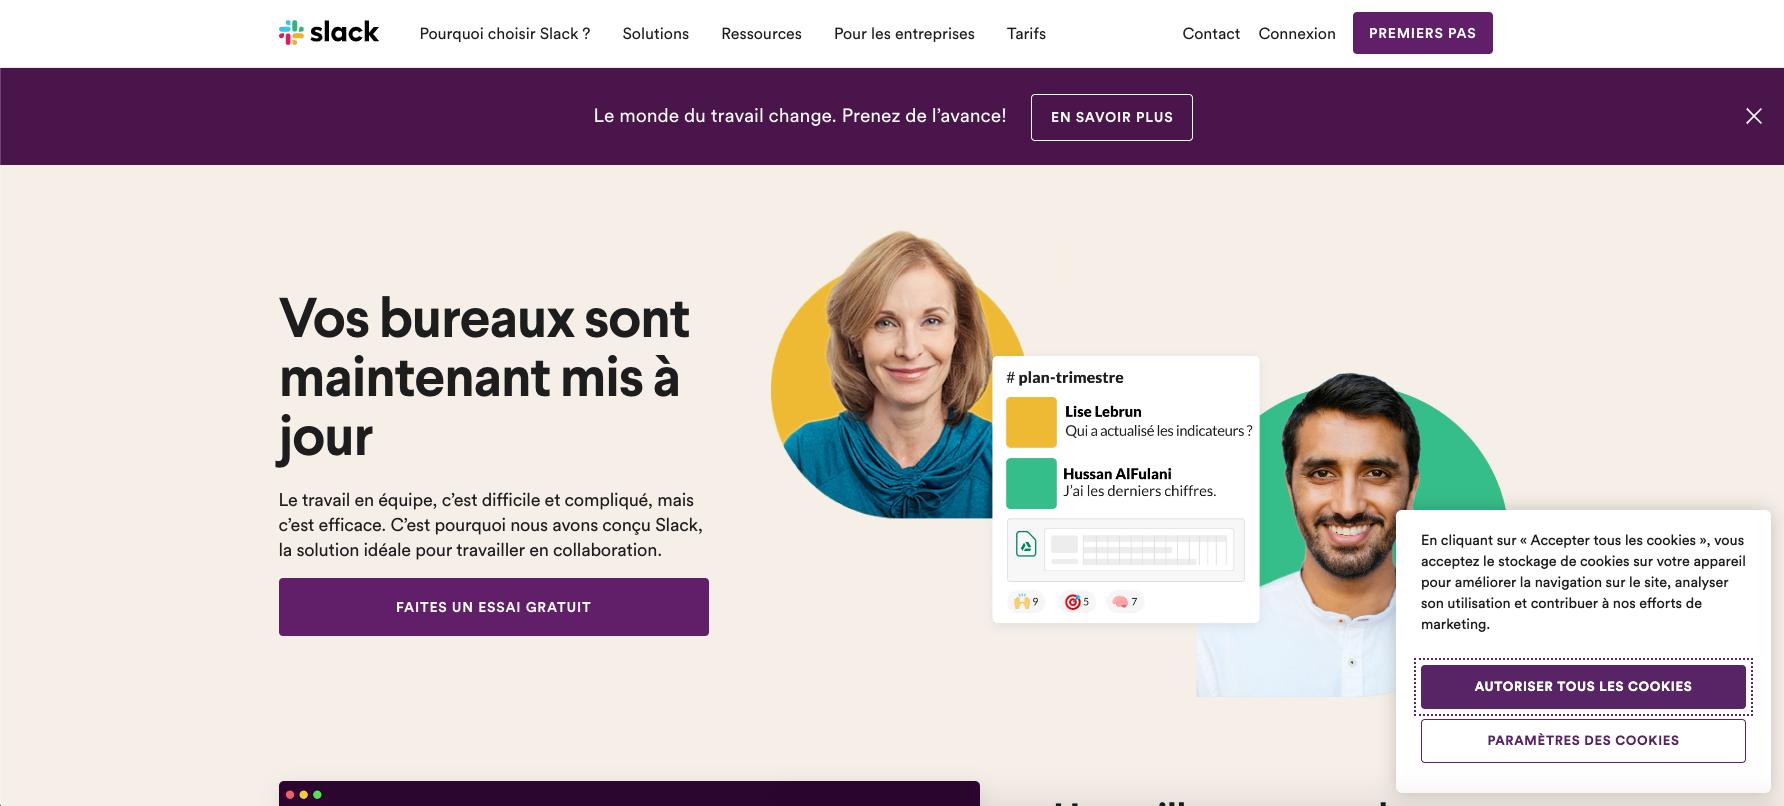 La page d'accueil du site de Slack avec la bannière de gestion des cookies